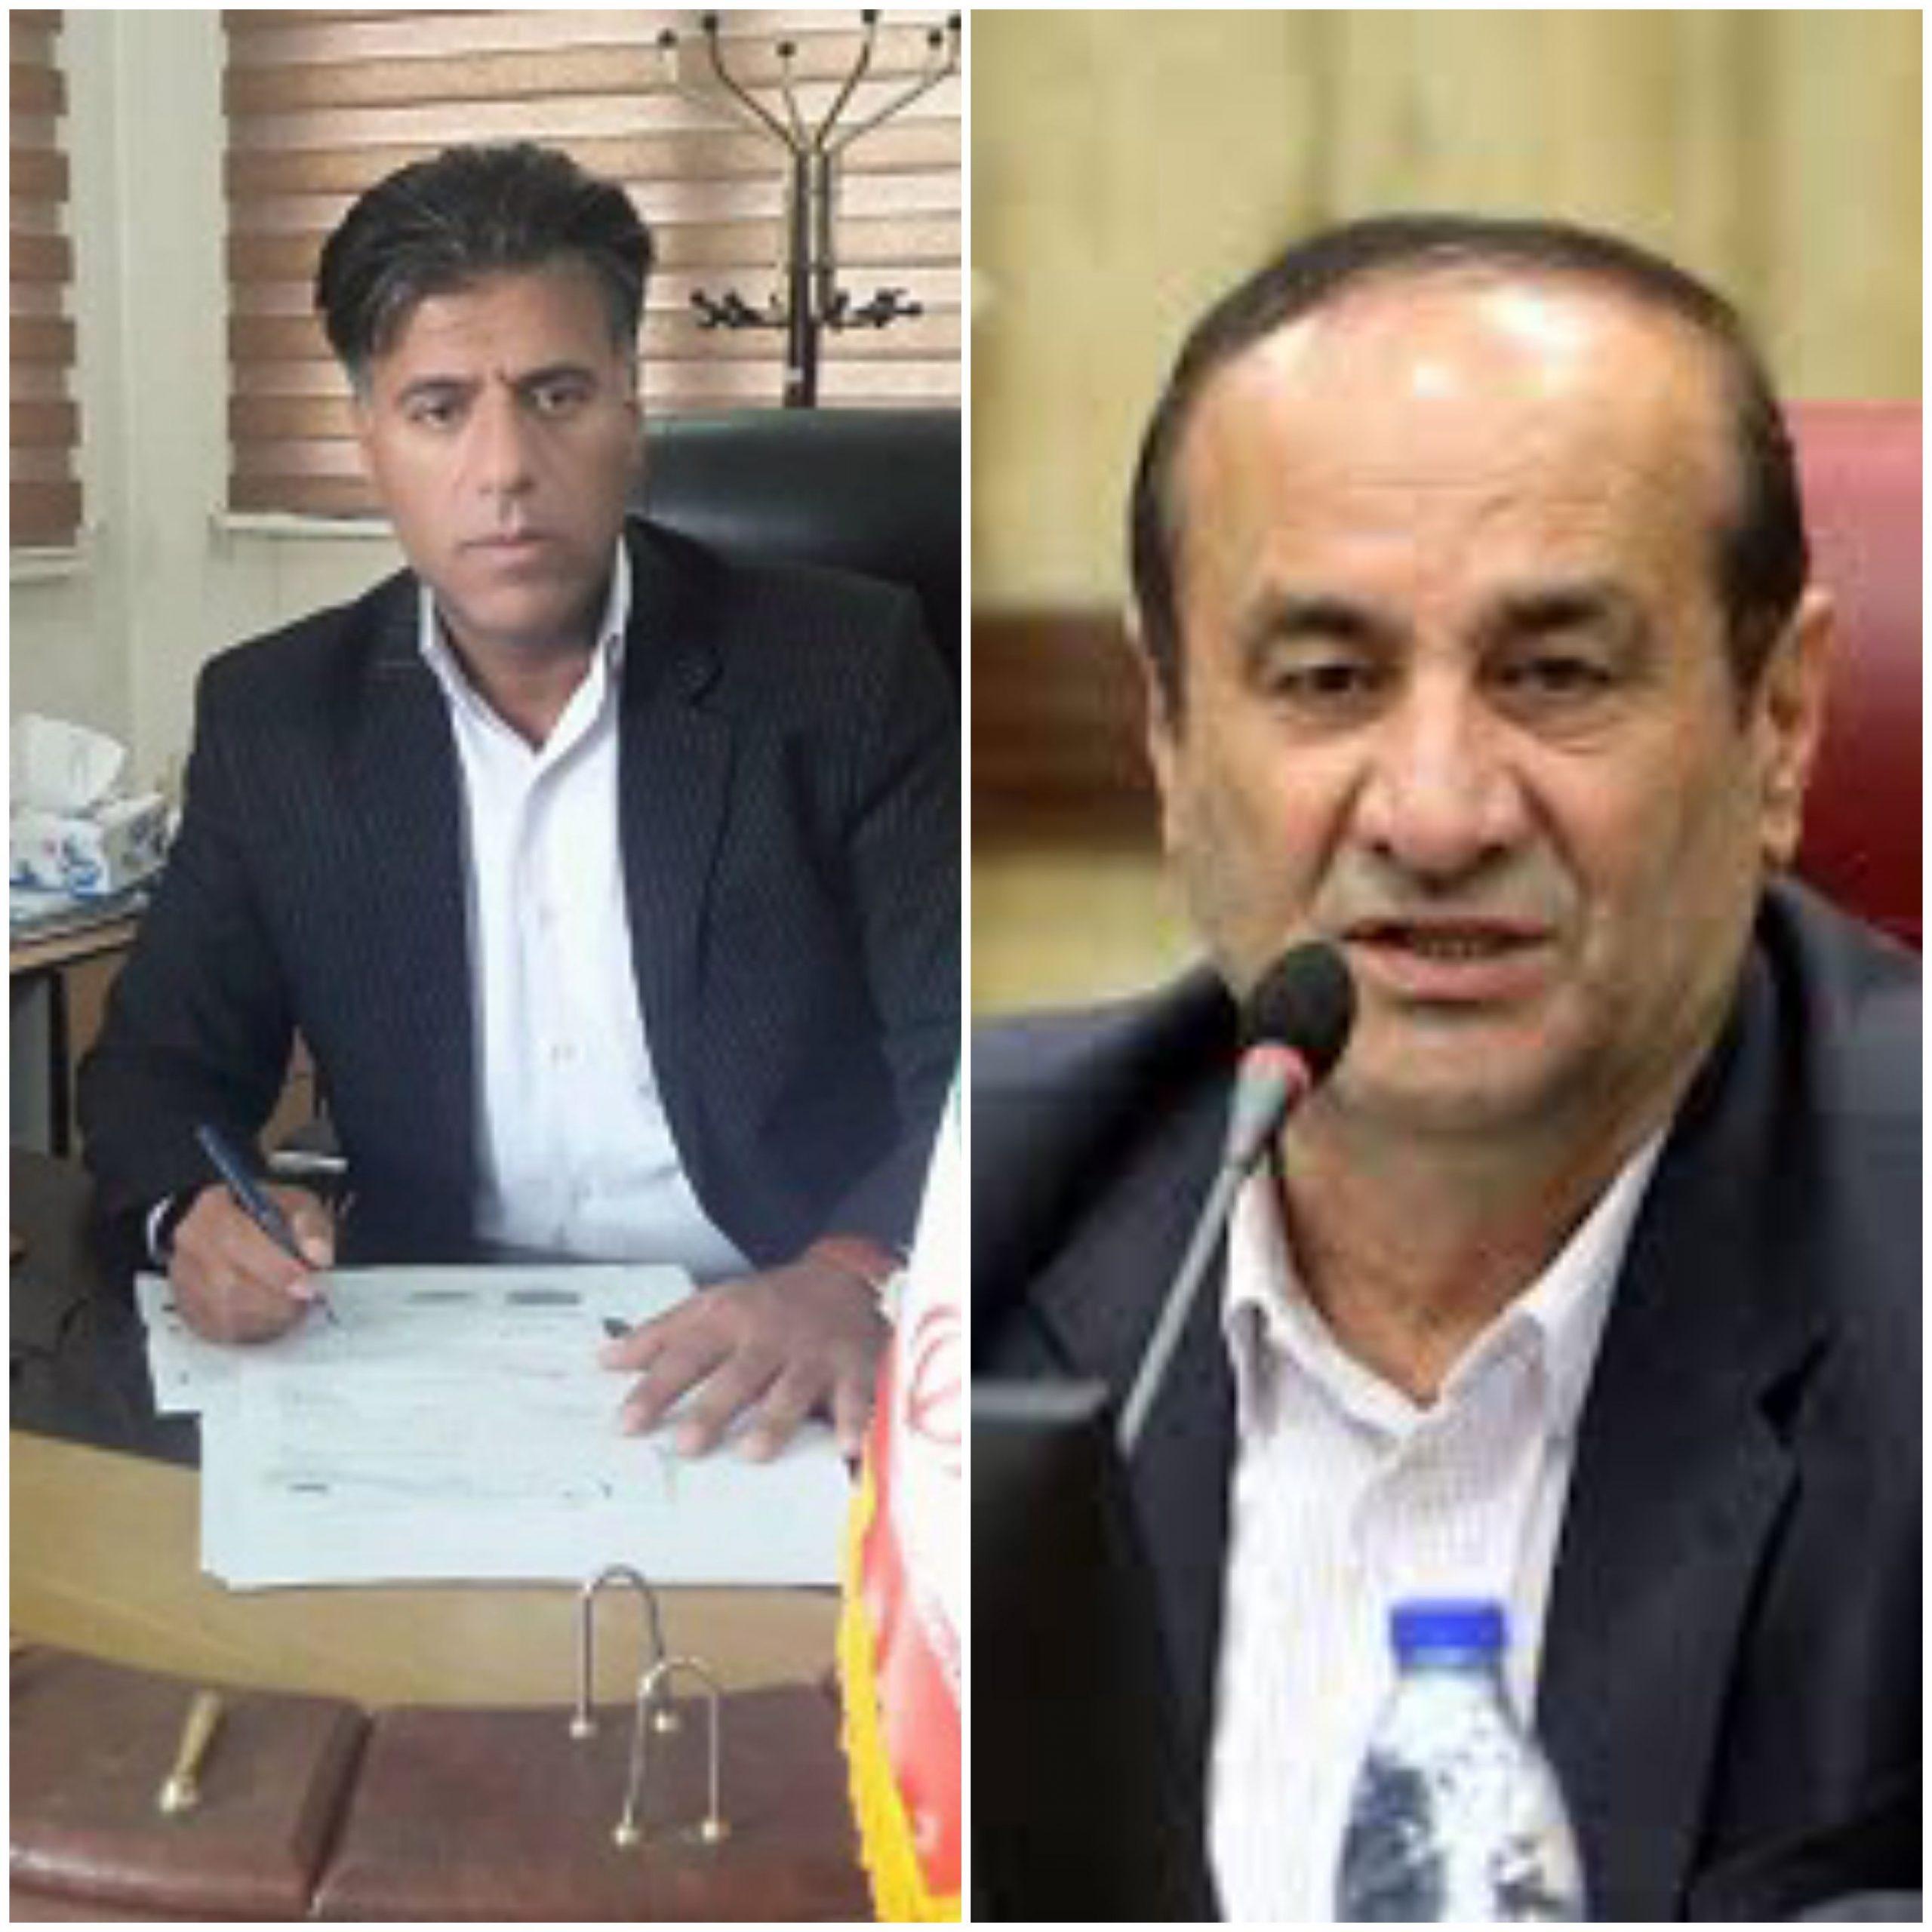 افتخار آفرینی شرکت آب و فاضلاب ایلام با کسب رتبه برتر در جشنواره شهید رجایی